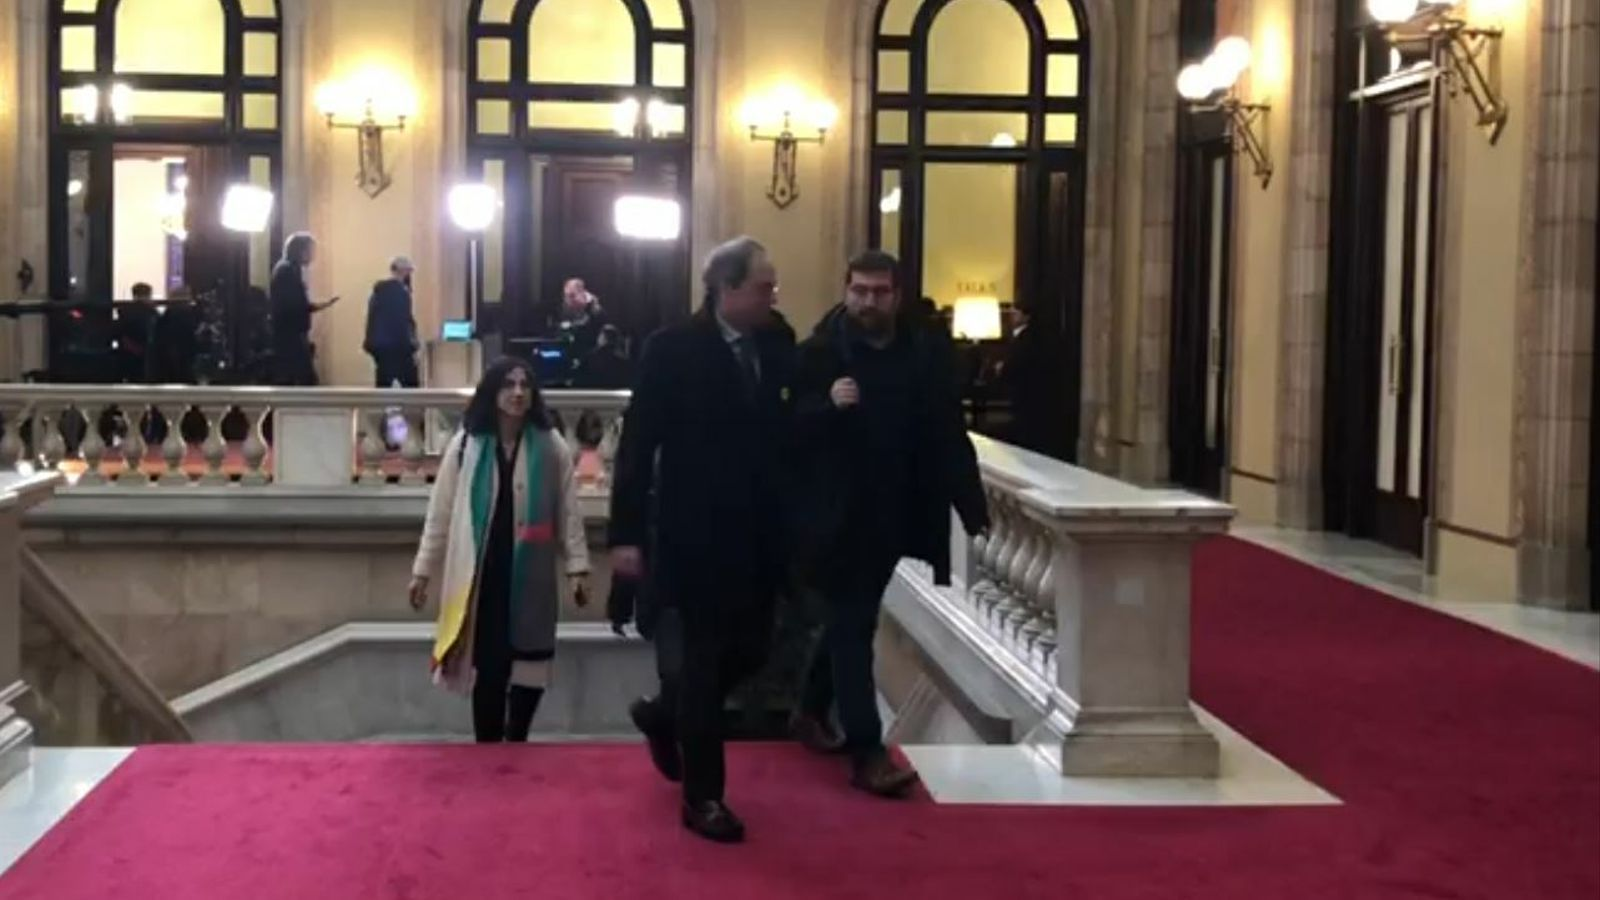 El president Quim Torra arriba al Parlament en un moment de màxima tensió entre JxCat i ERC per la retirada del seu escó